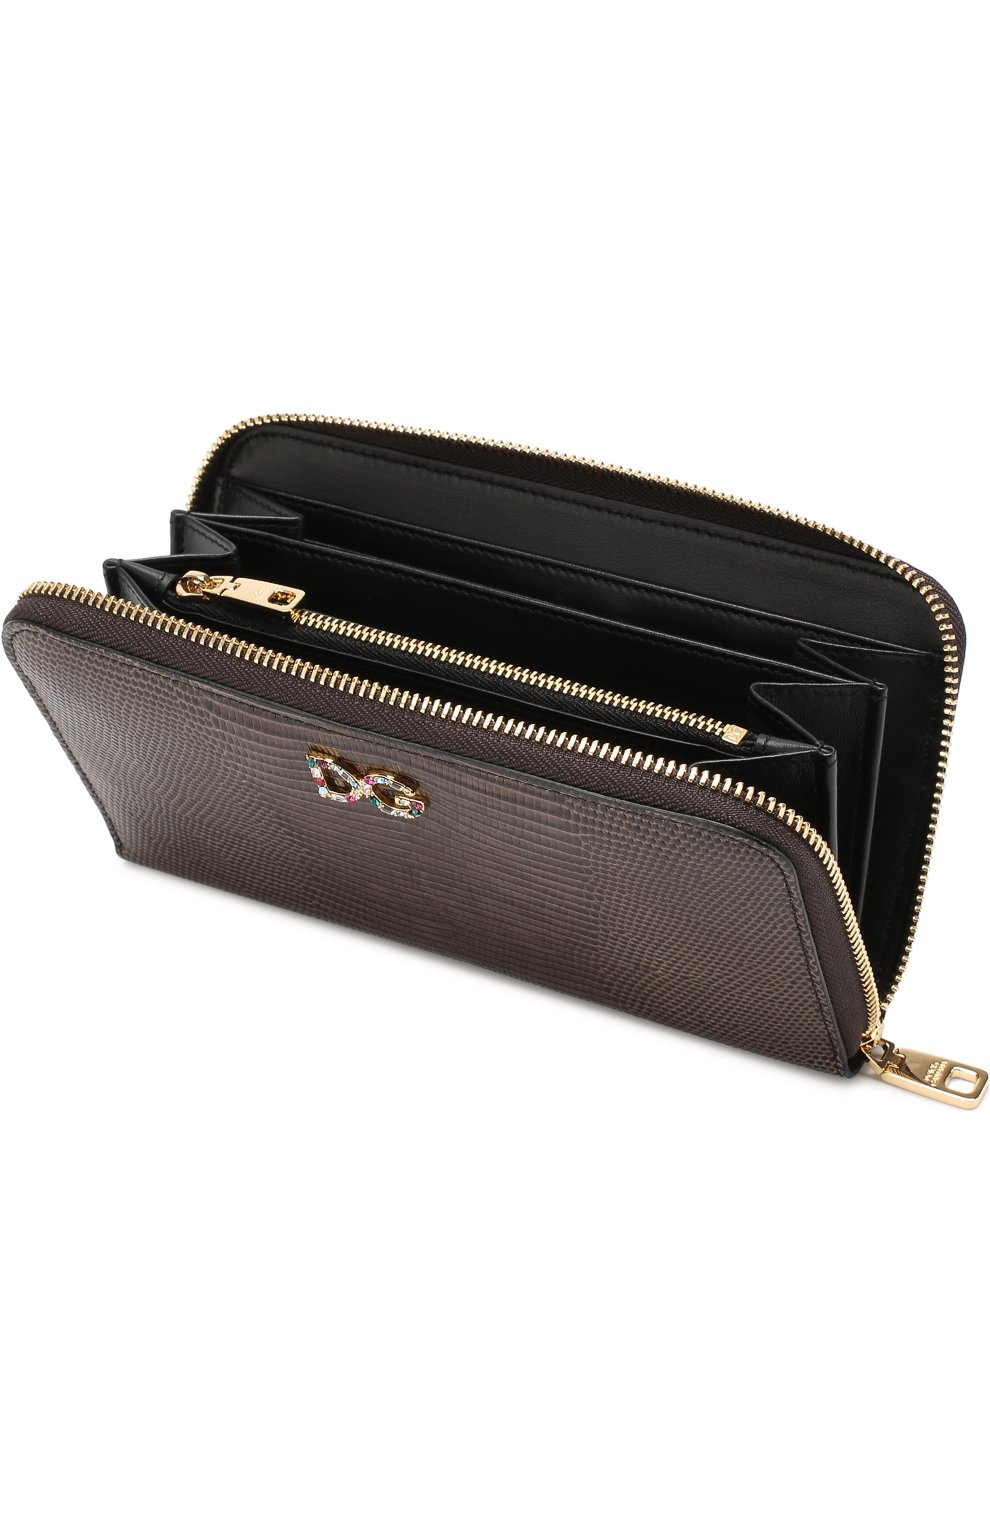 Кожаный кошелек на молнии Dolce & Gabbana коричневого цвета   Фото №3